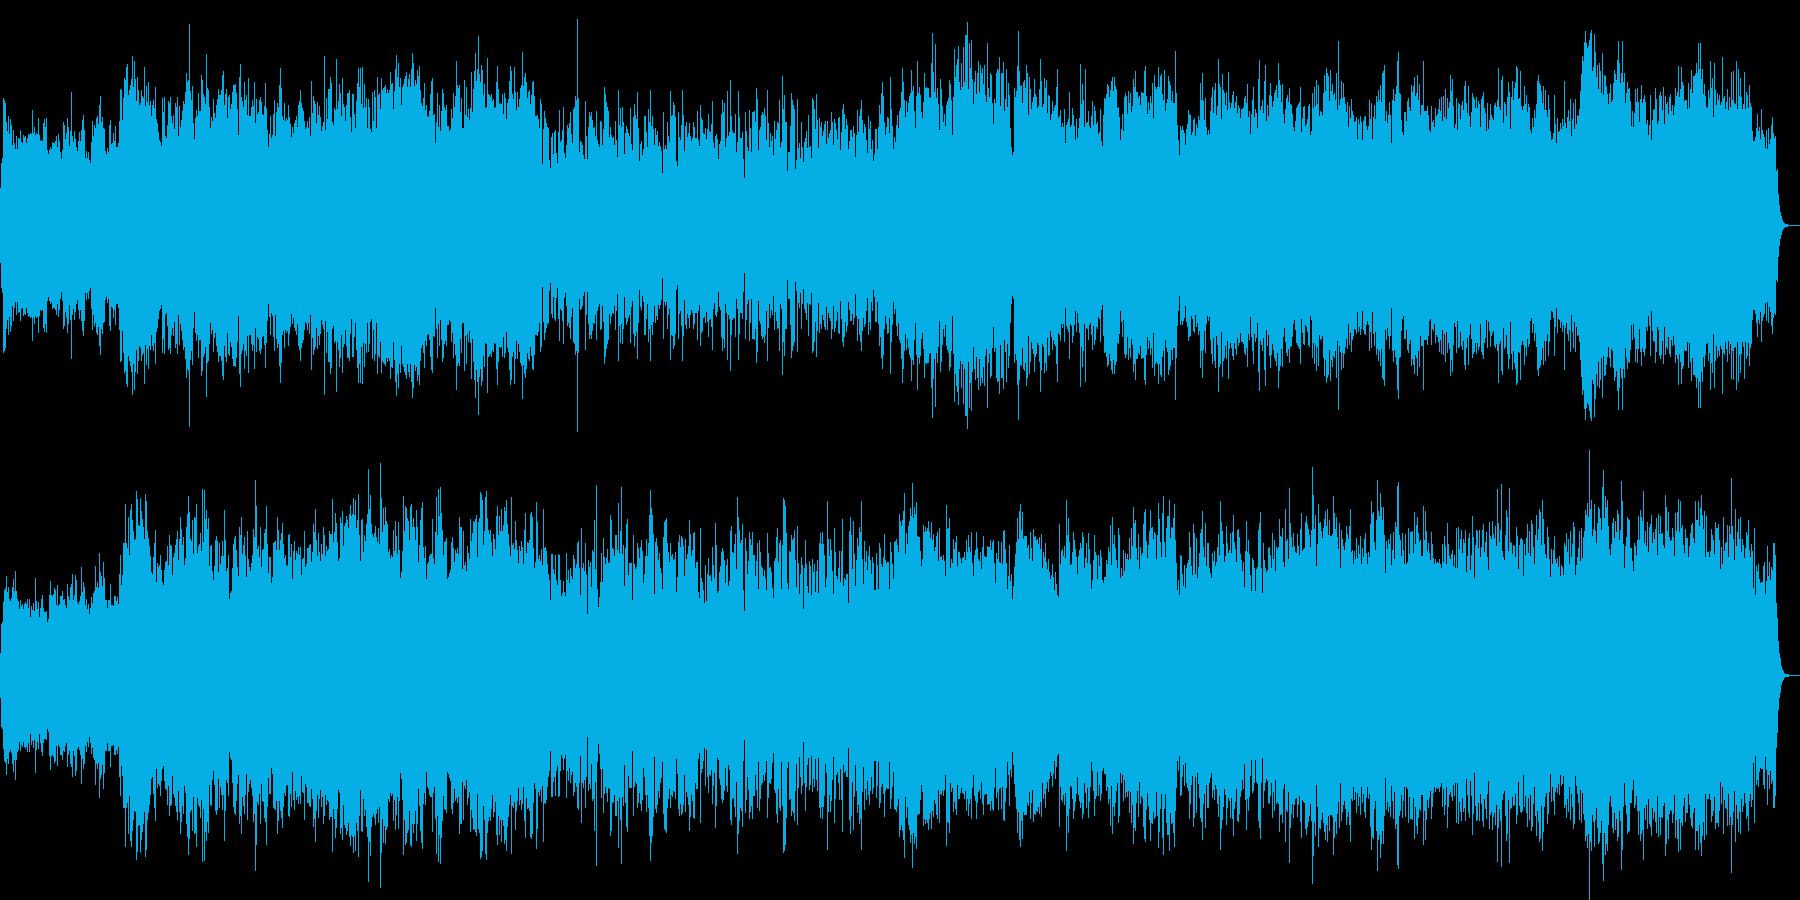 寂しくて悲しいストリングスの曲(小編成)の再生済みの波形